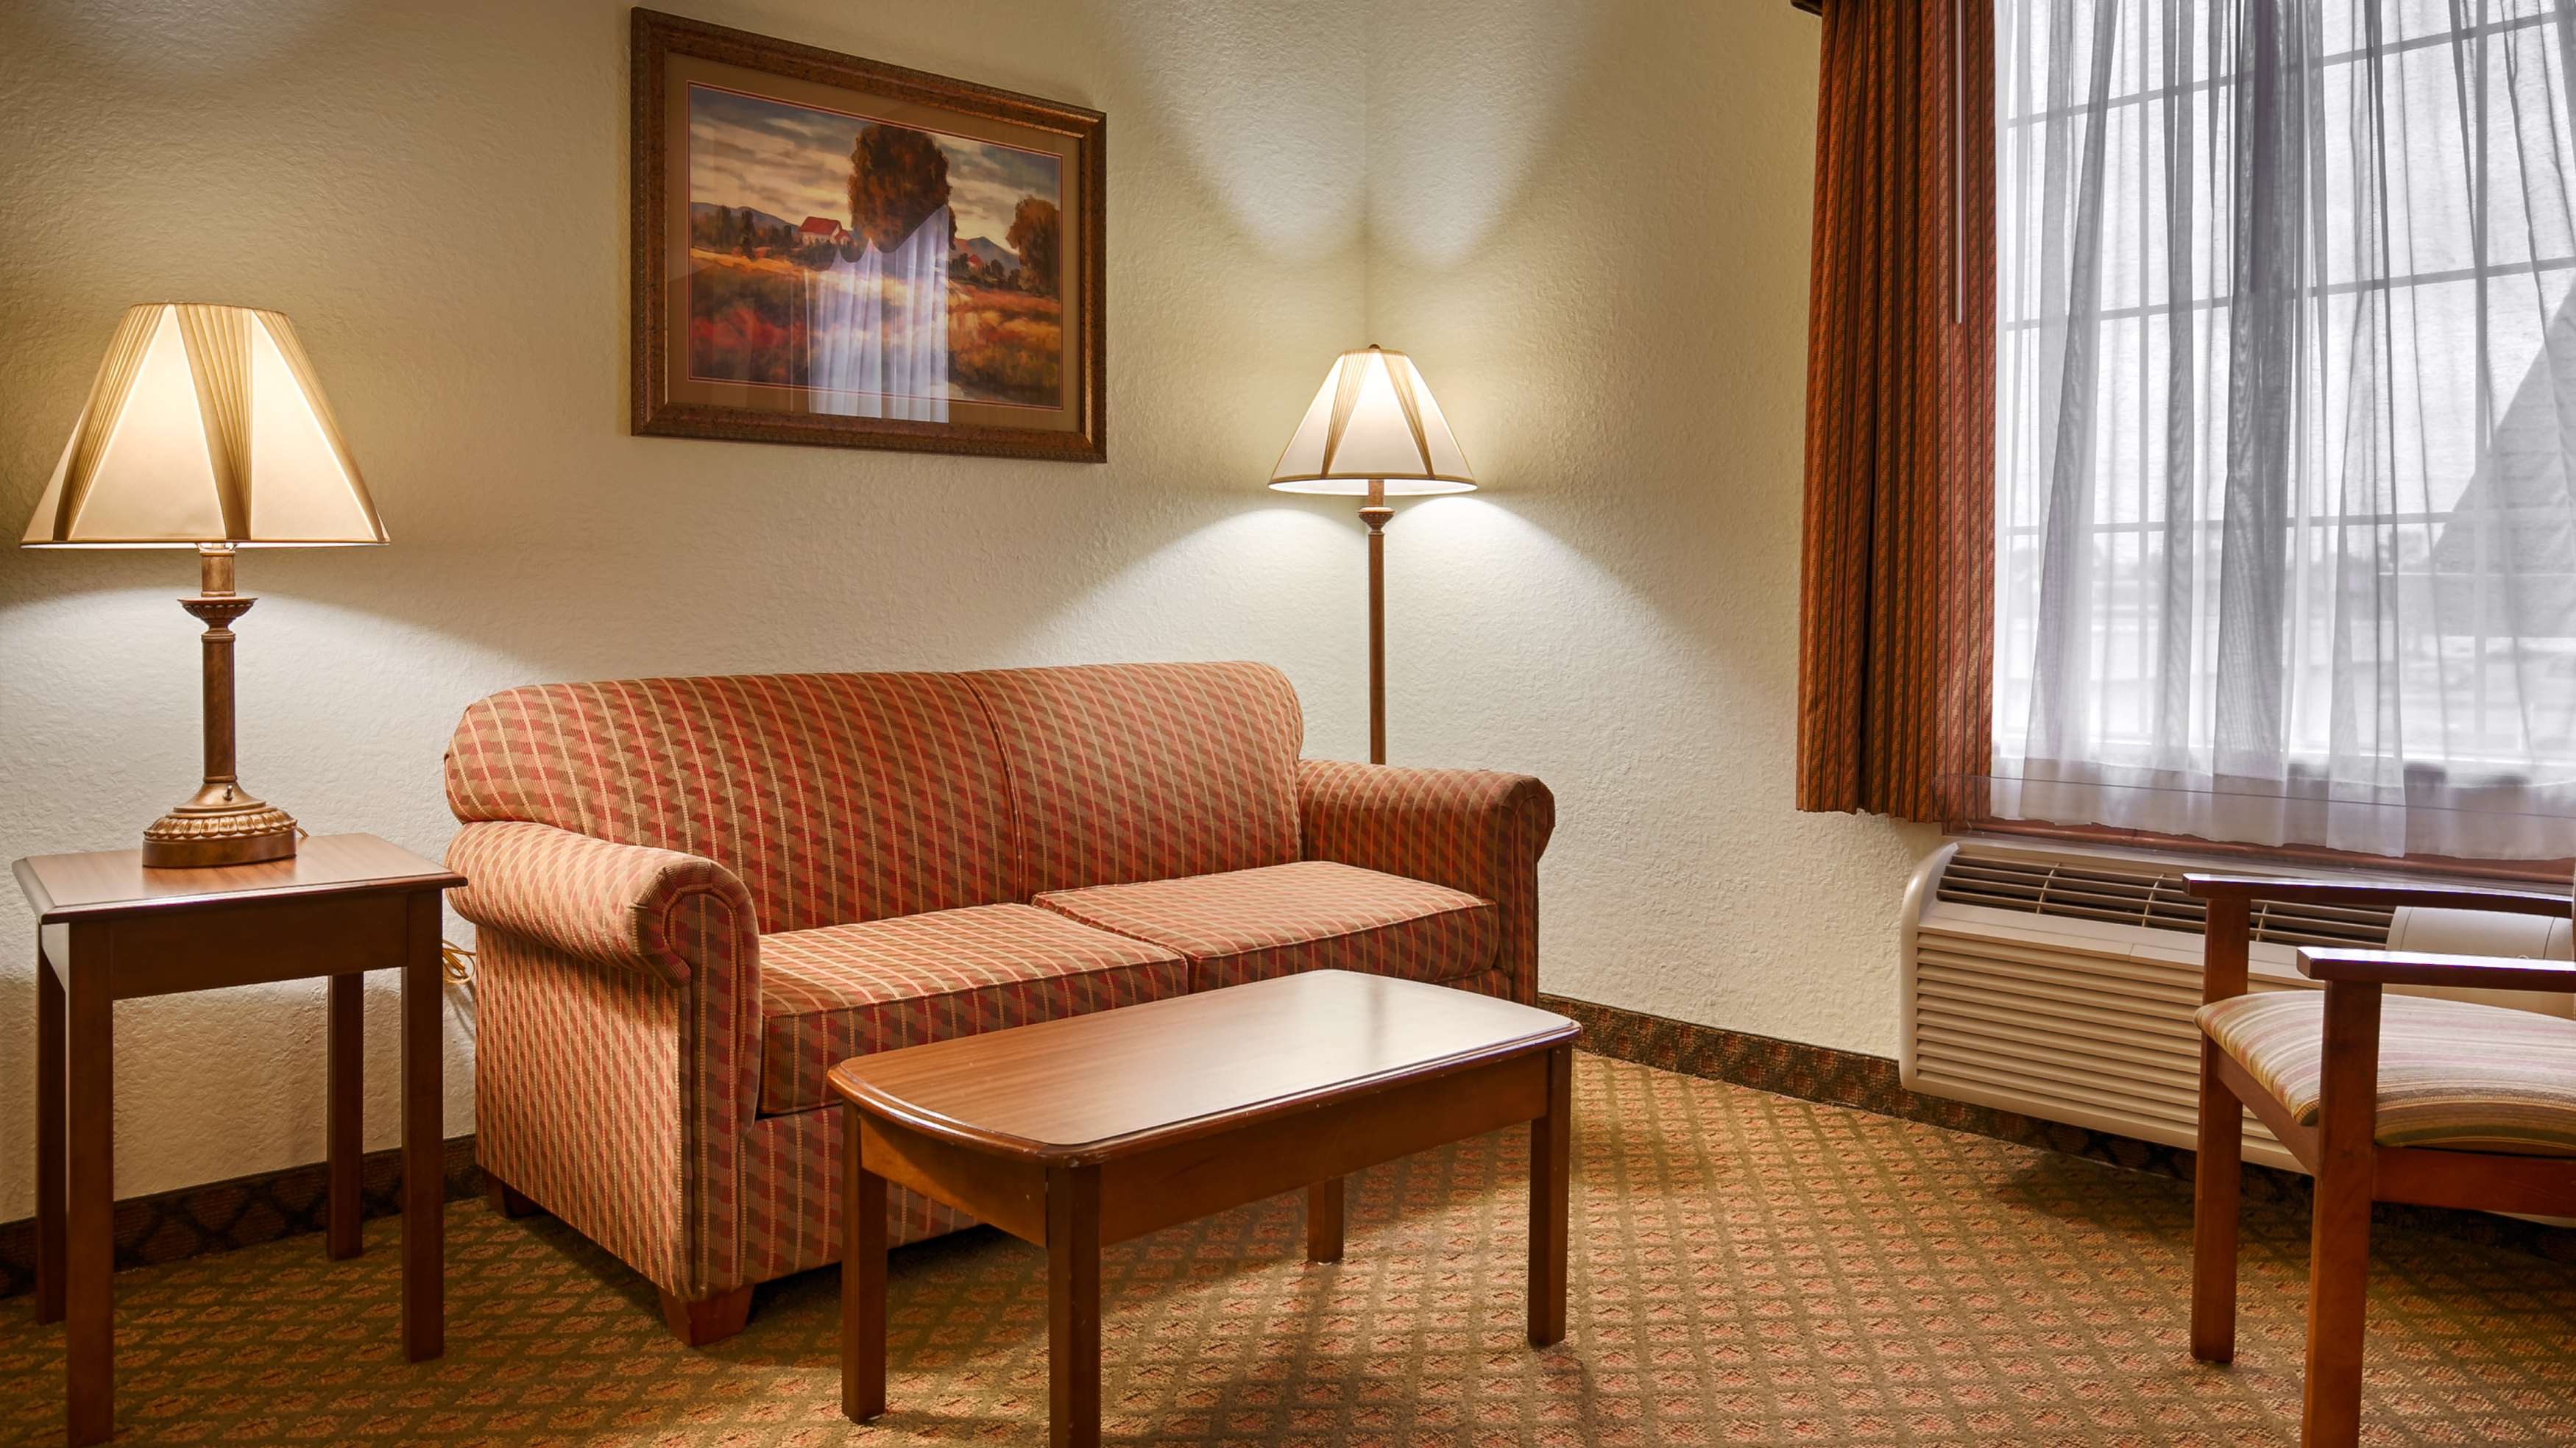 Best Western Plus Bradbury Inn & Suites image 9